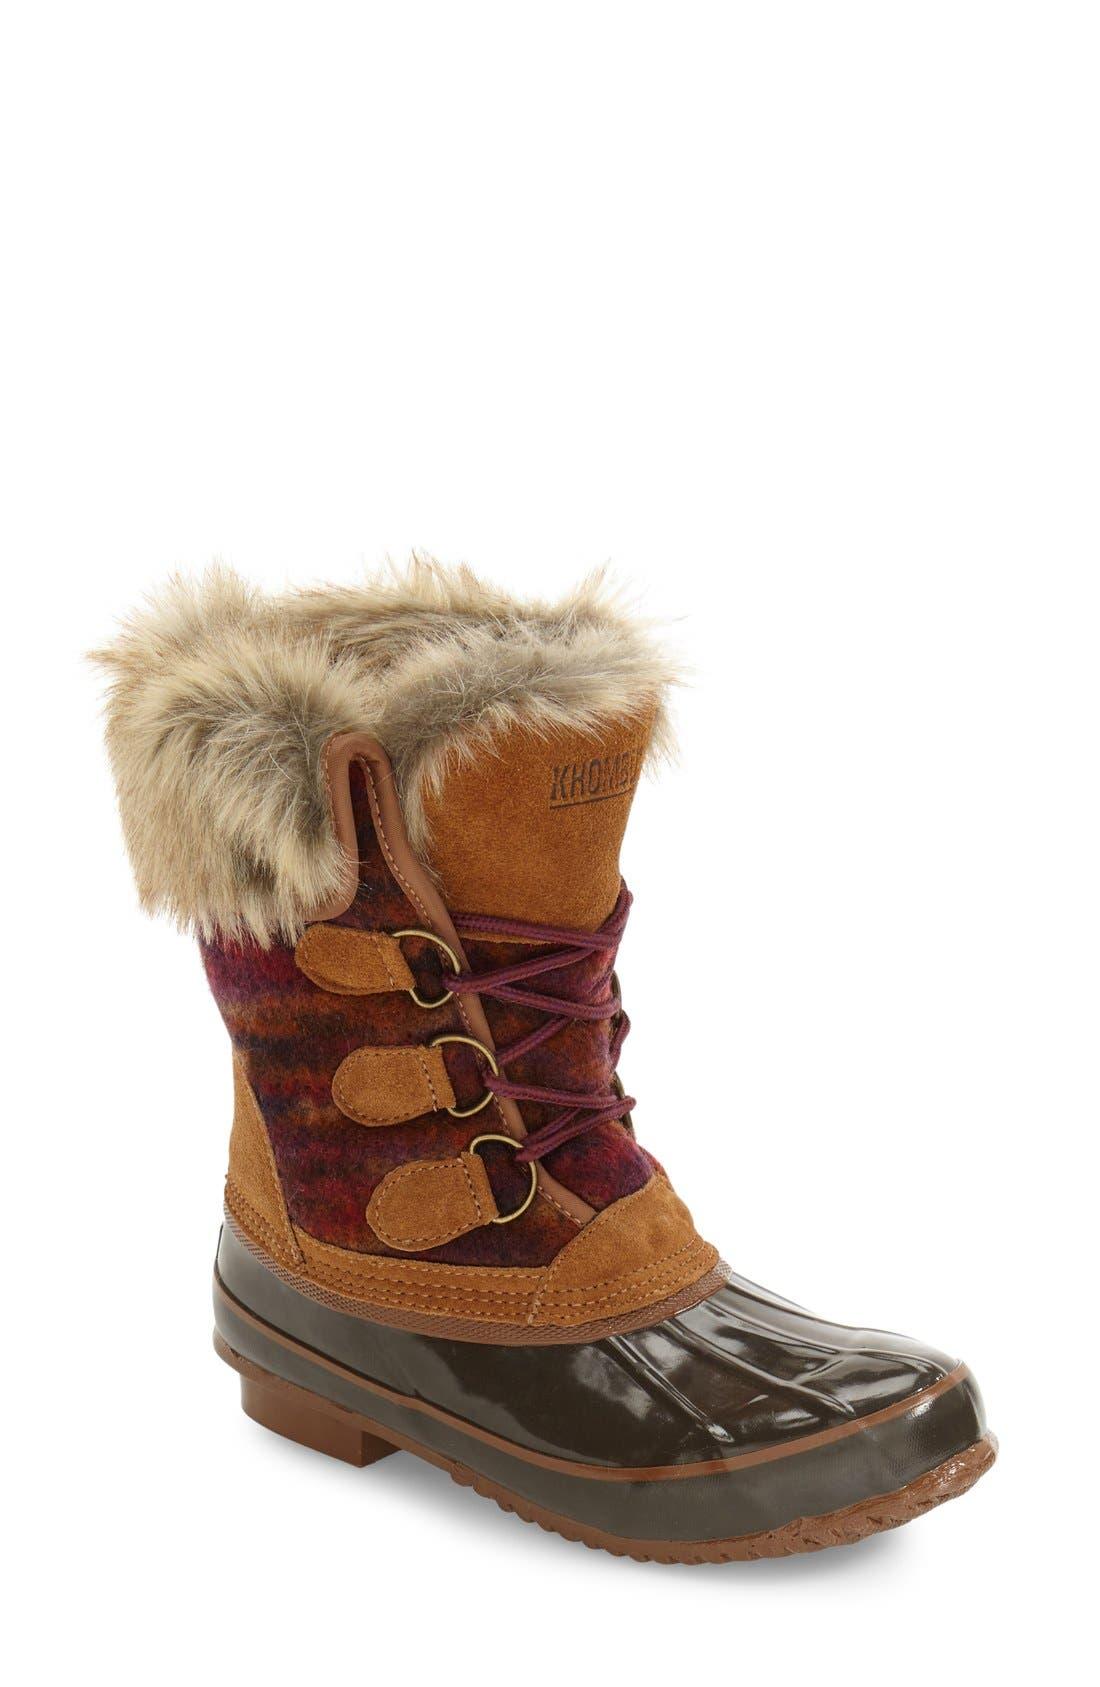 Main Image - Khombu Lace-Up Winter Boot (Women)